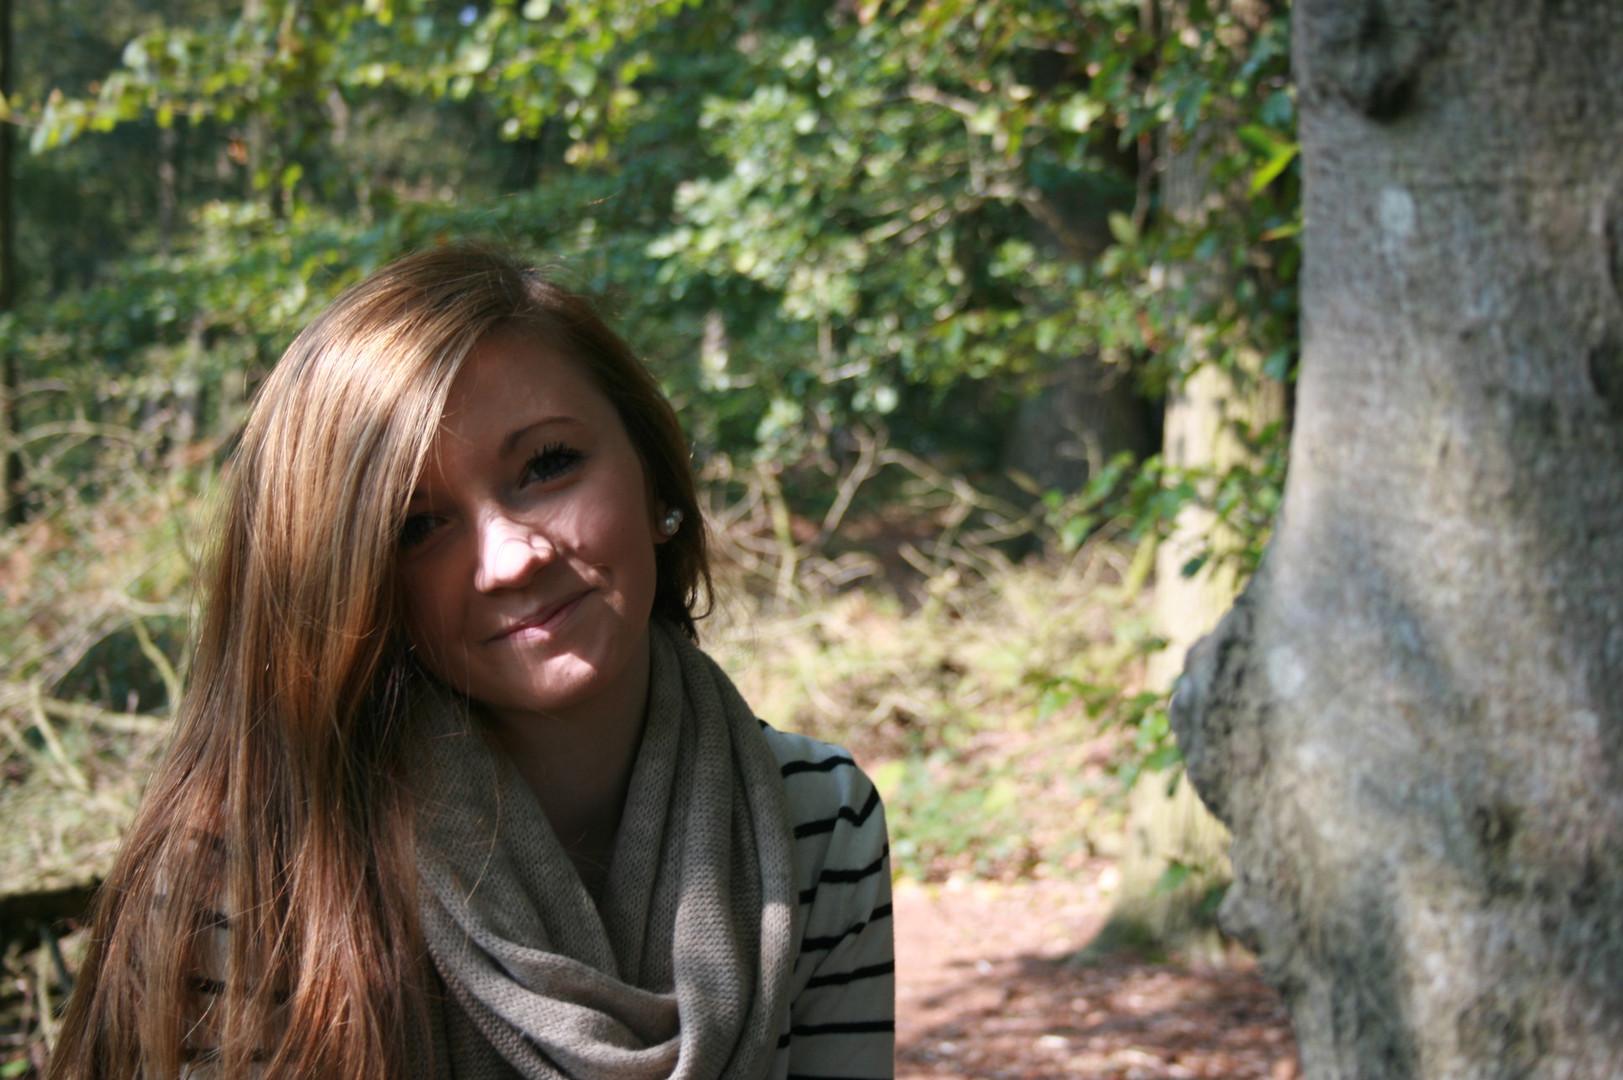 Das Mädchen im Wald Foto & Bild | jugend, outdoor